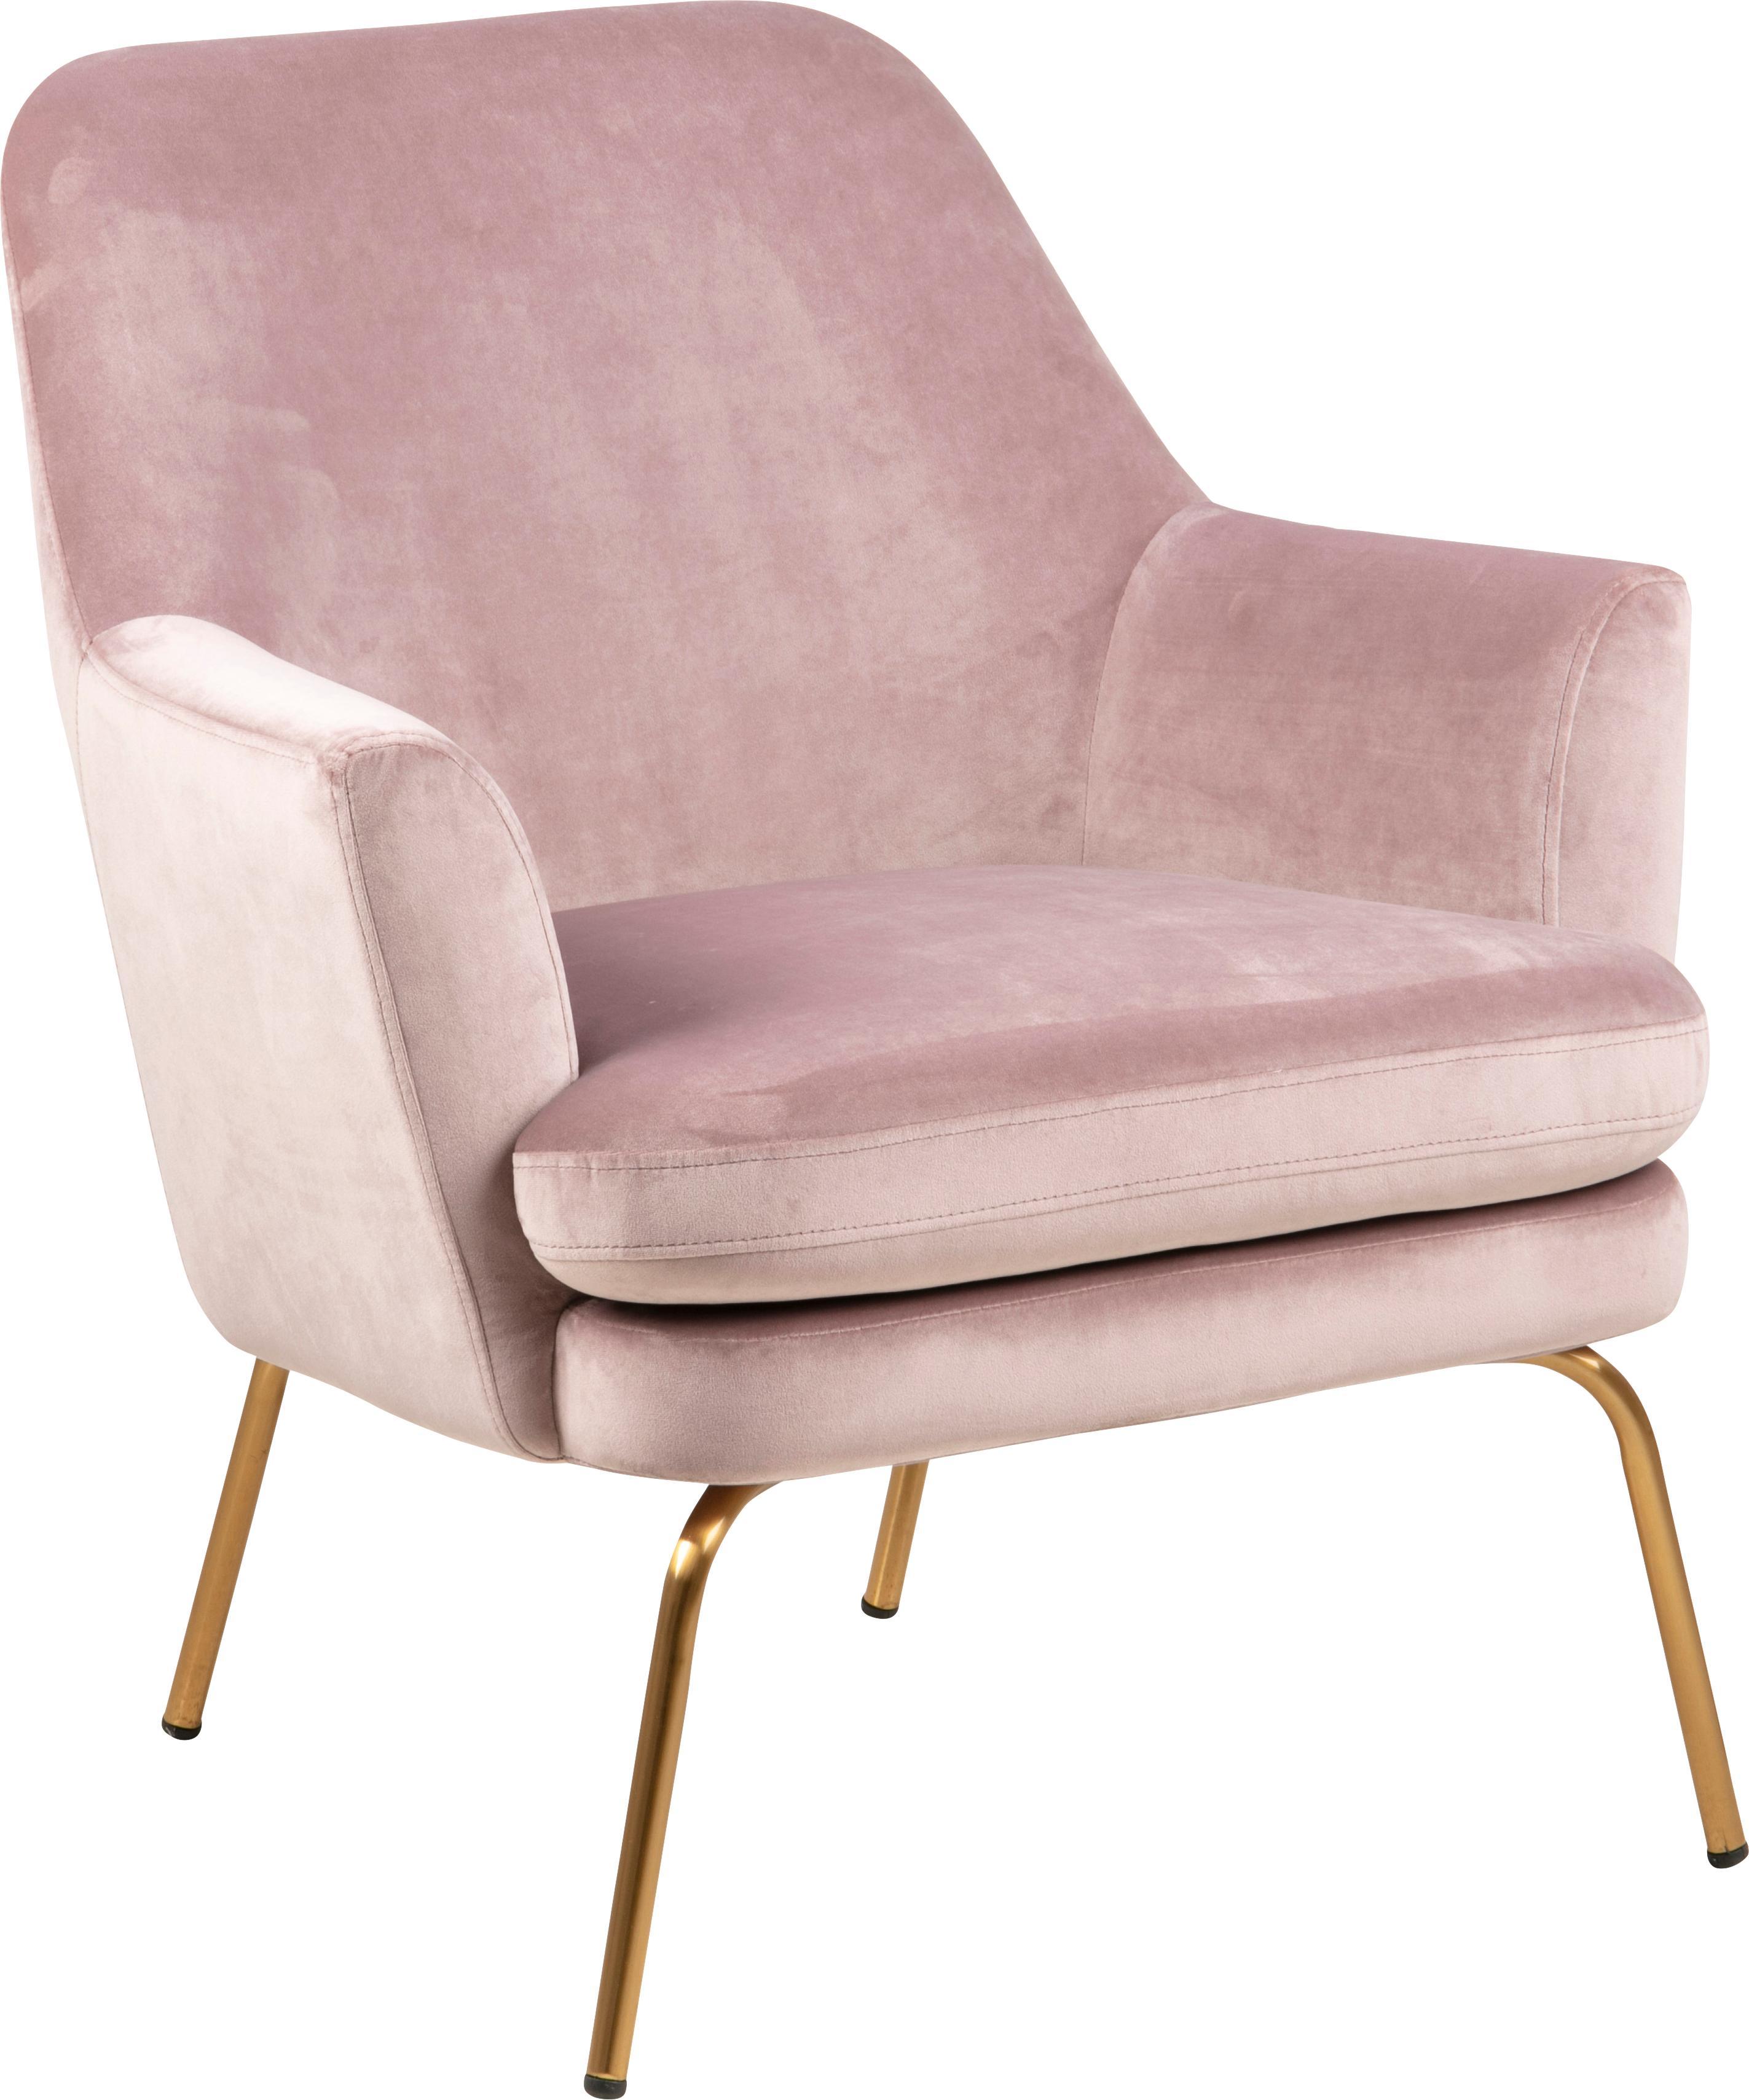 Fluwelen fauteuil Chisa, Bekleding: polyester fluweel, Poten: gelakt metaal, Fluweel roze, B 68 x D 73 cm